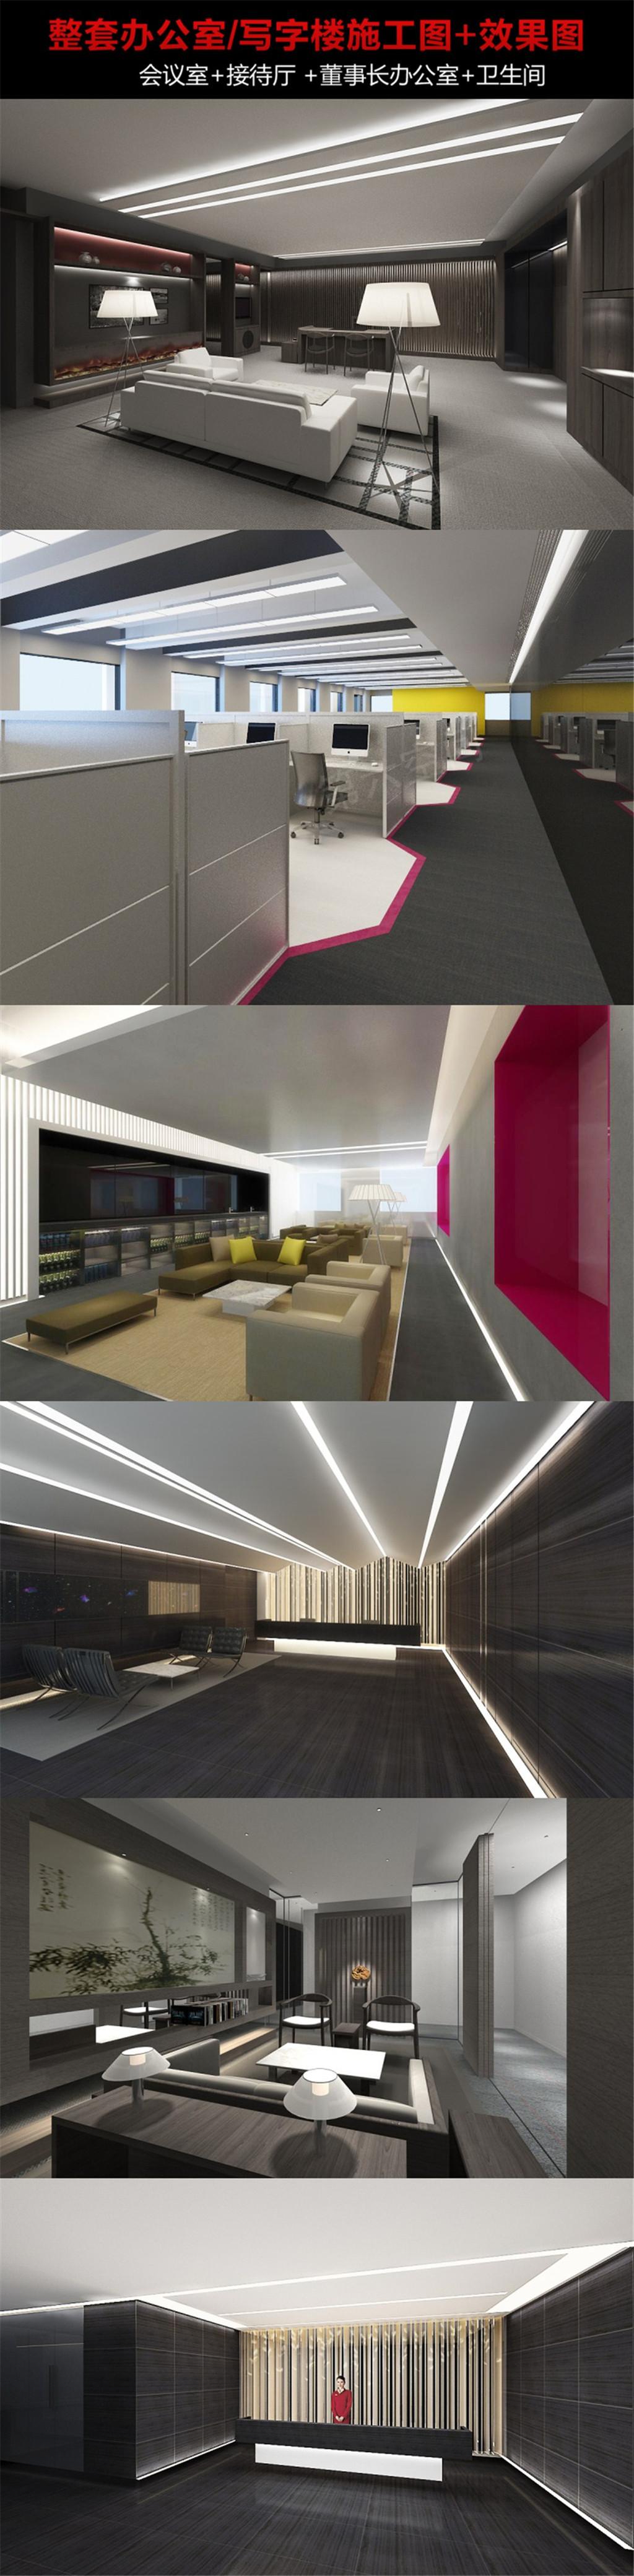 现代时尚办公空间cad图带效果图模板下载(图片编号:)